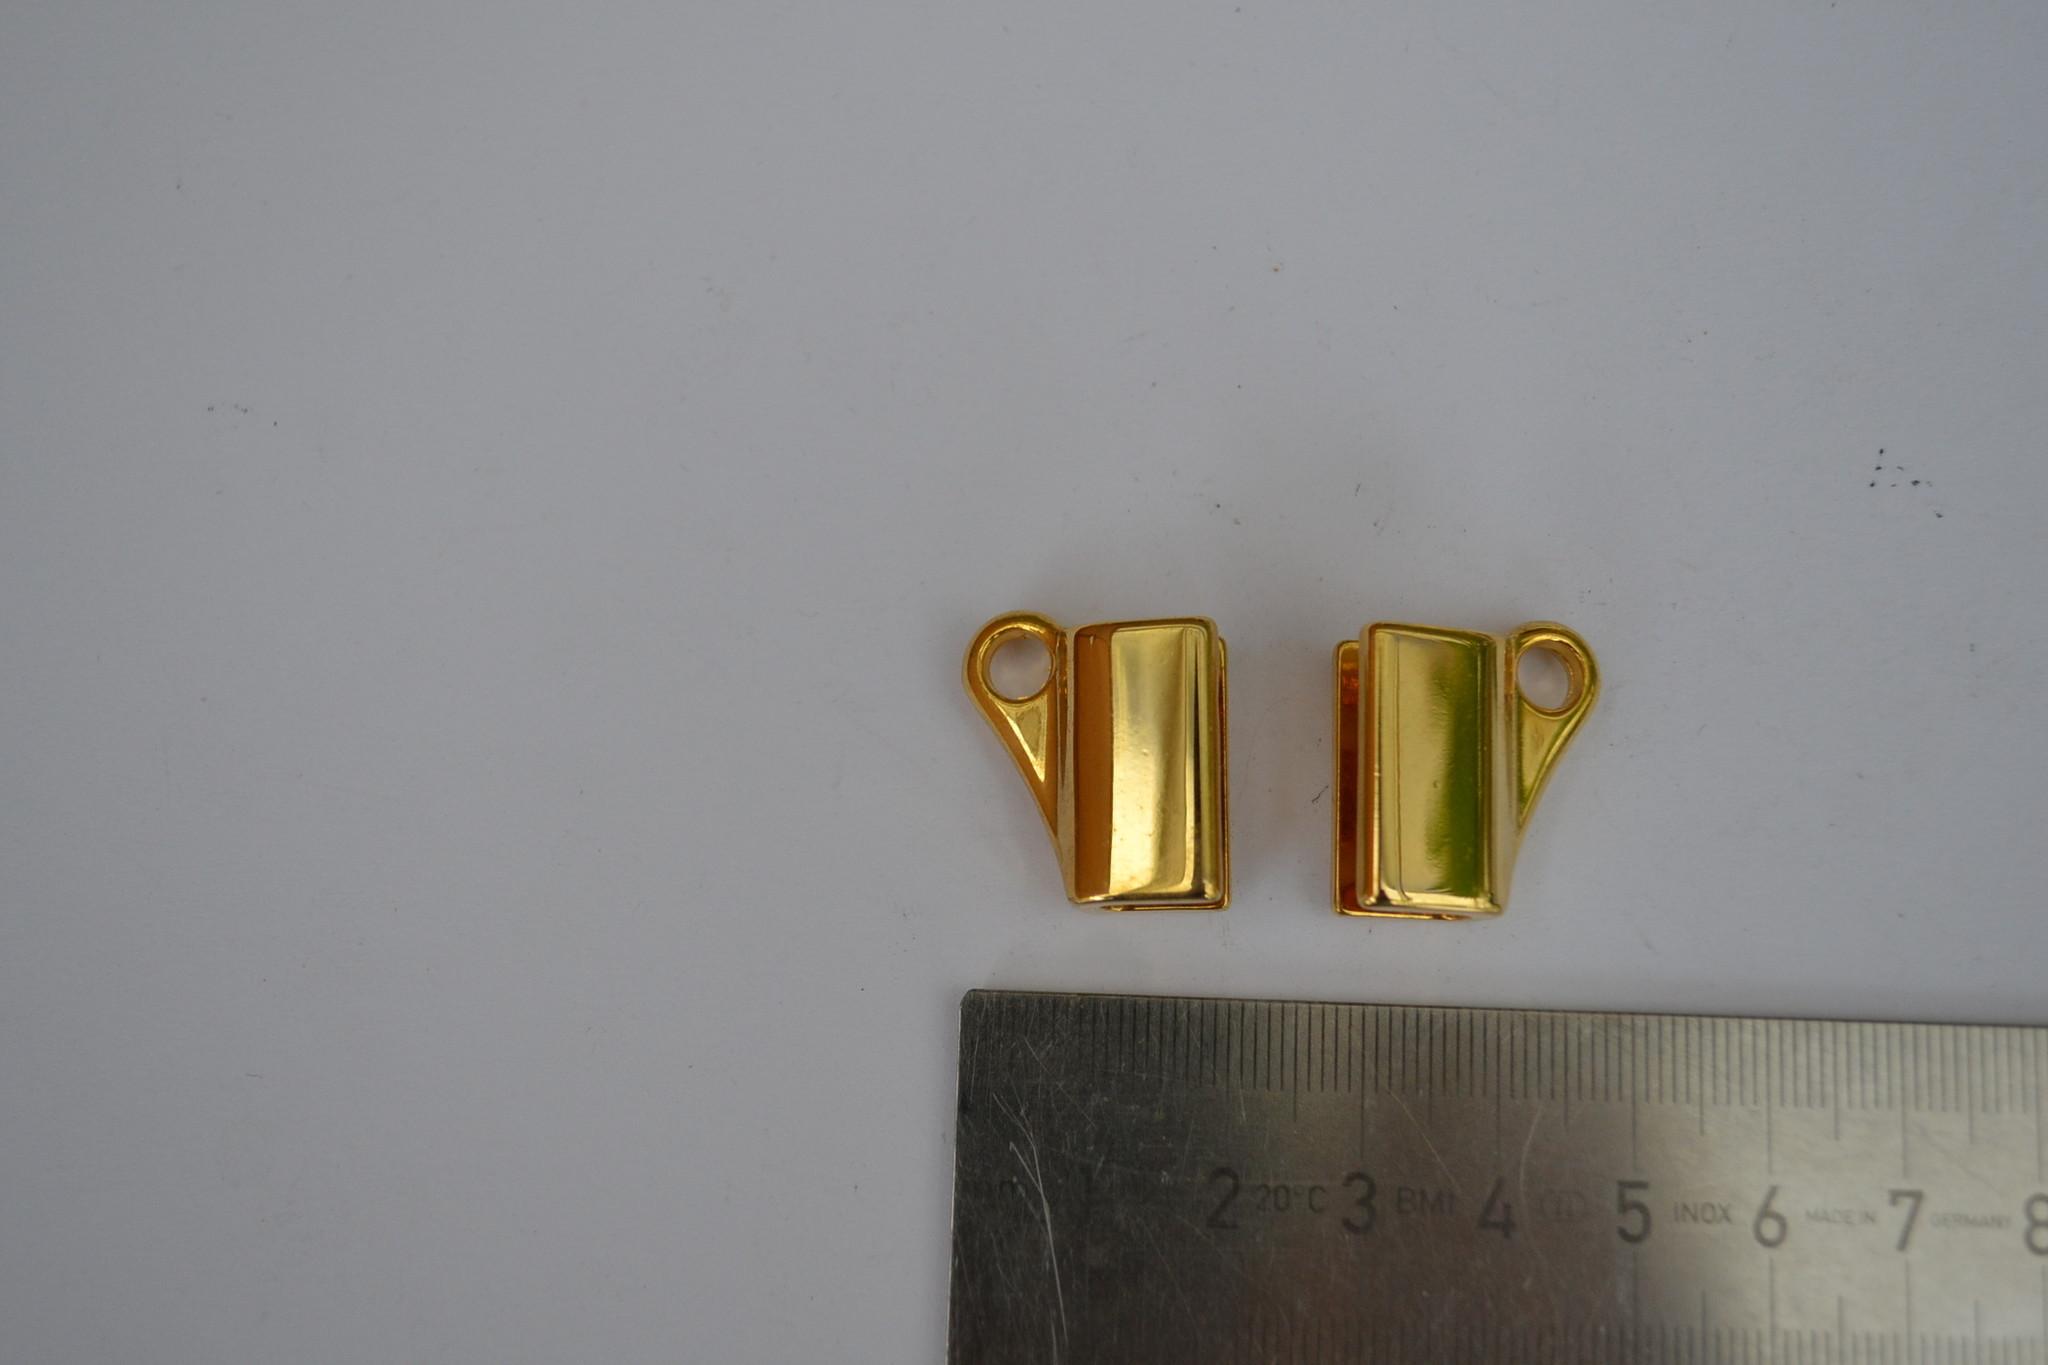 AB draagriembevestiging goud 5mm (per2)